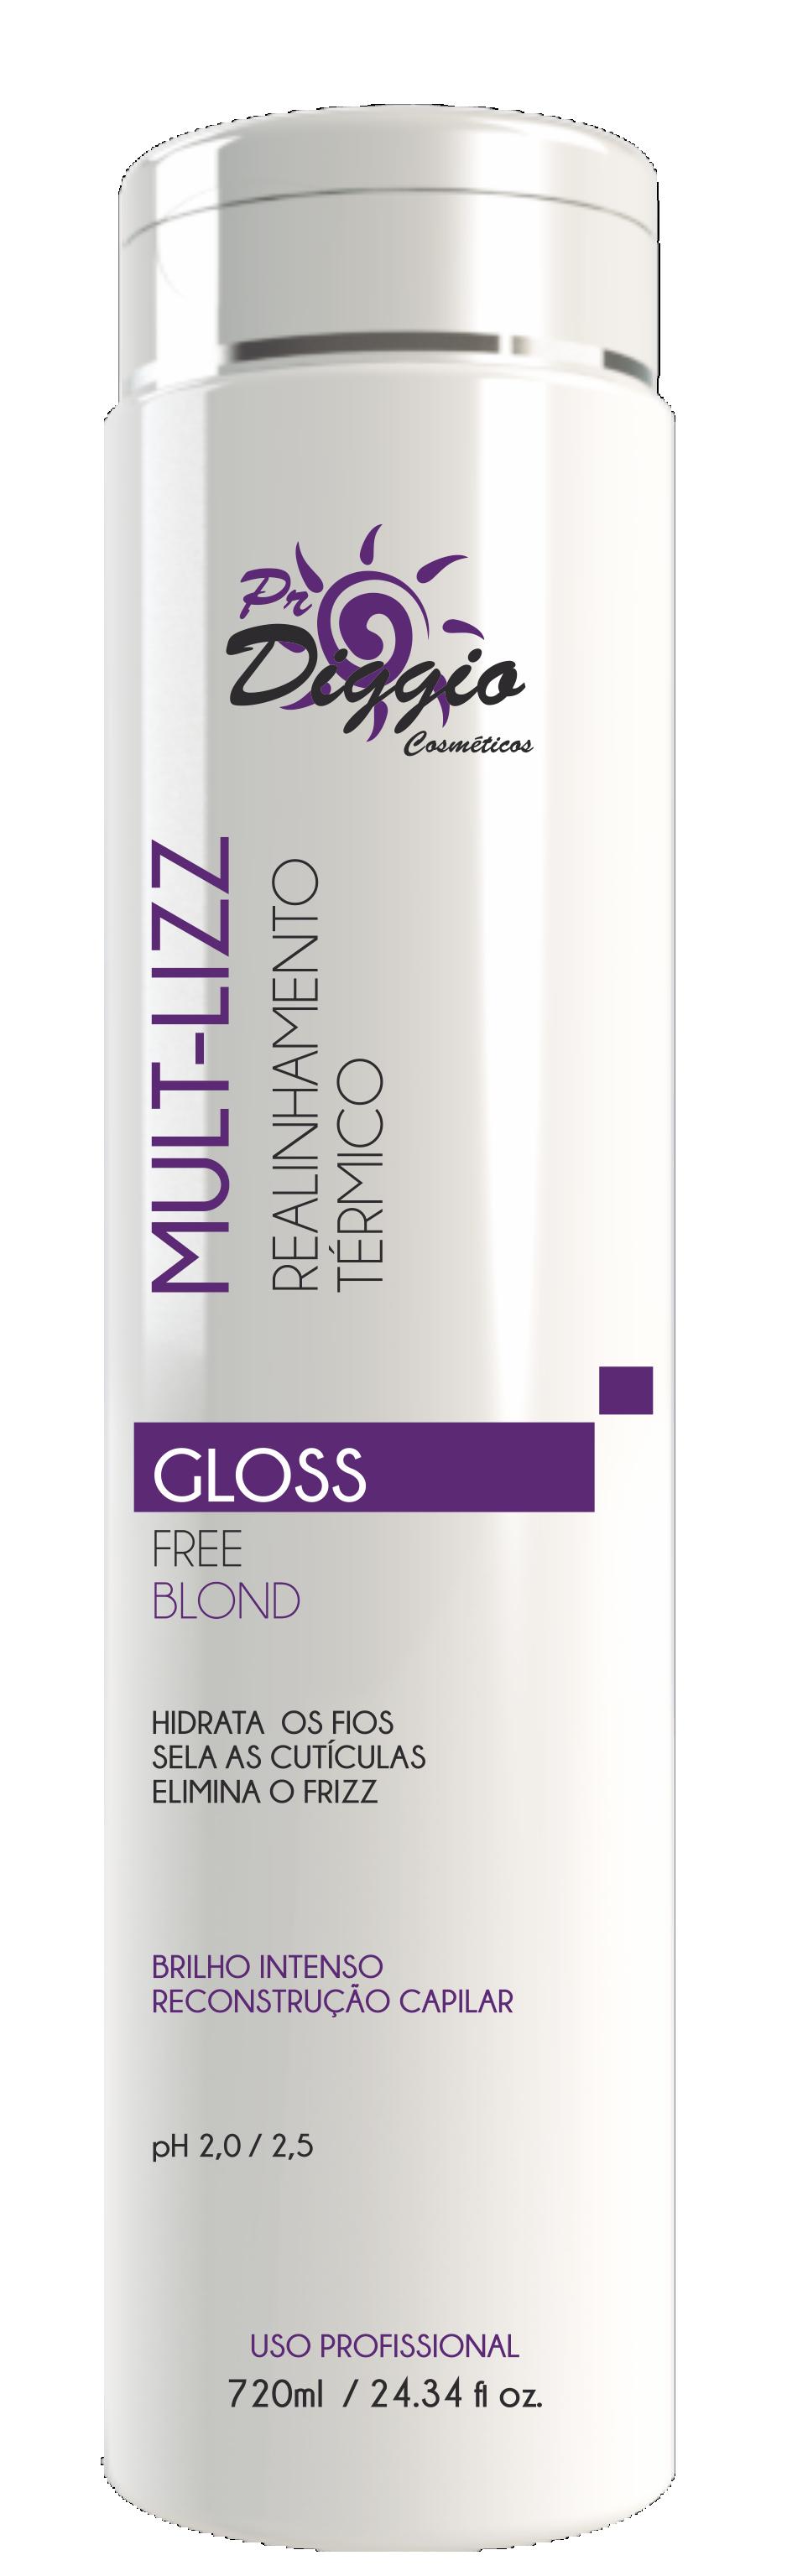 Gloss Free Blond